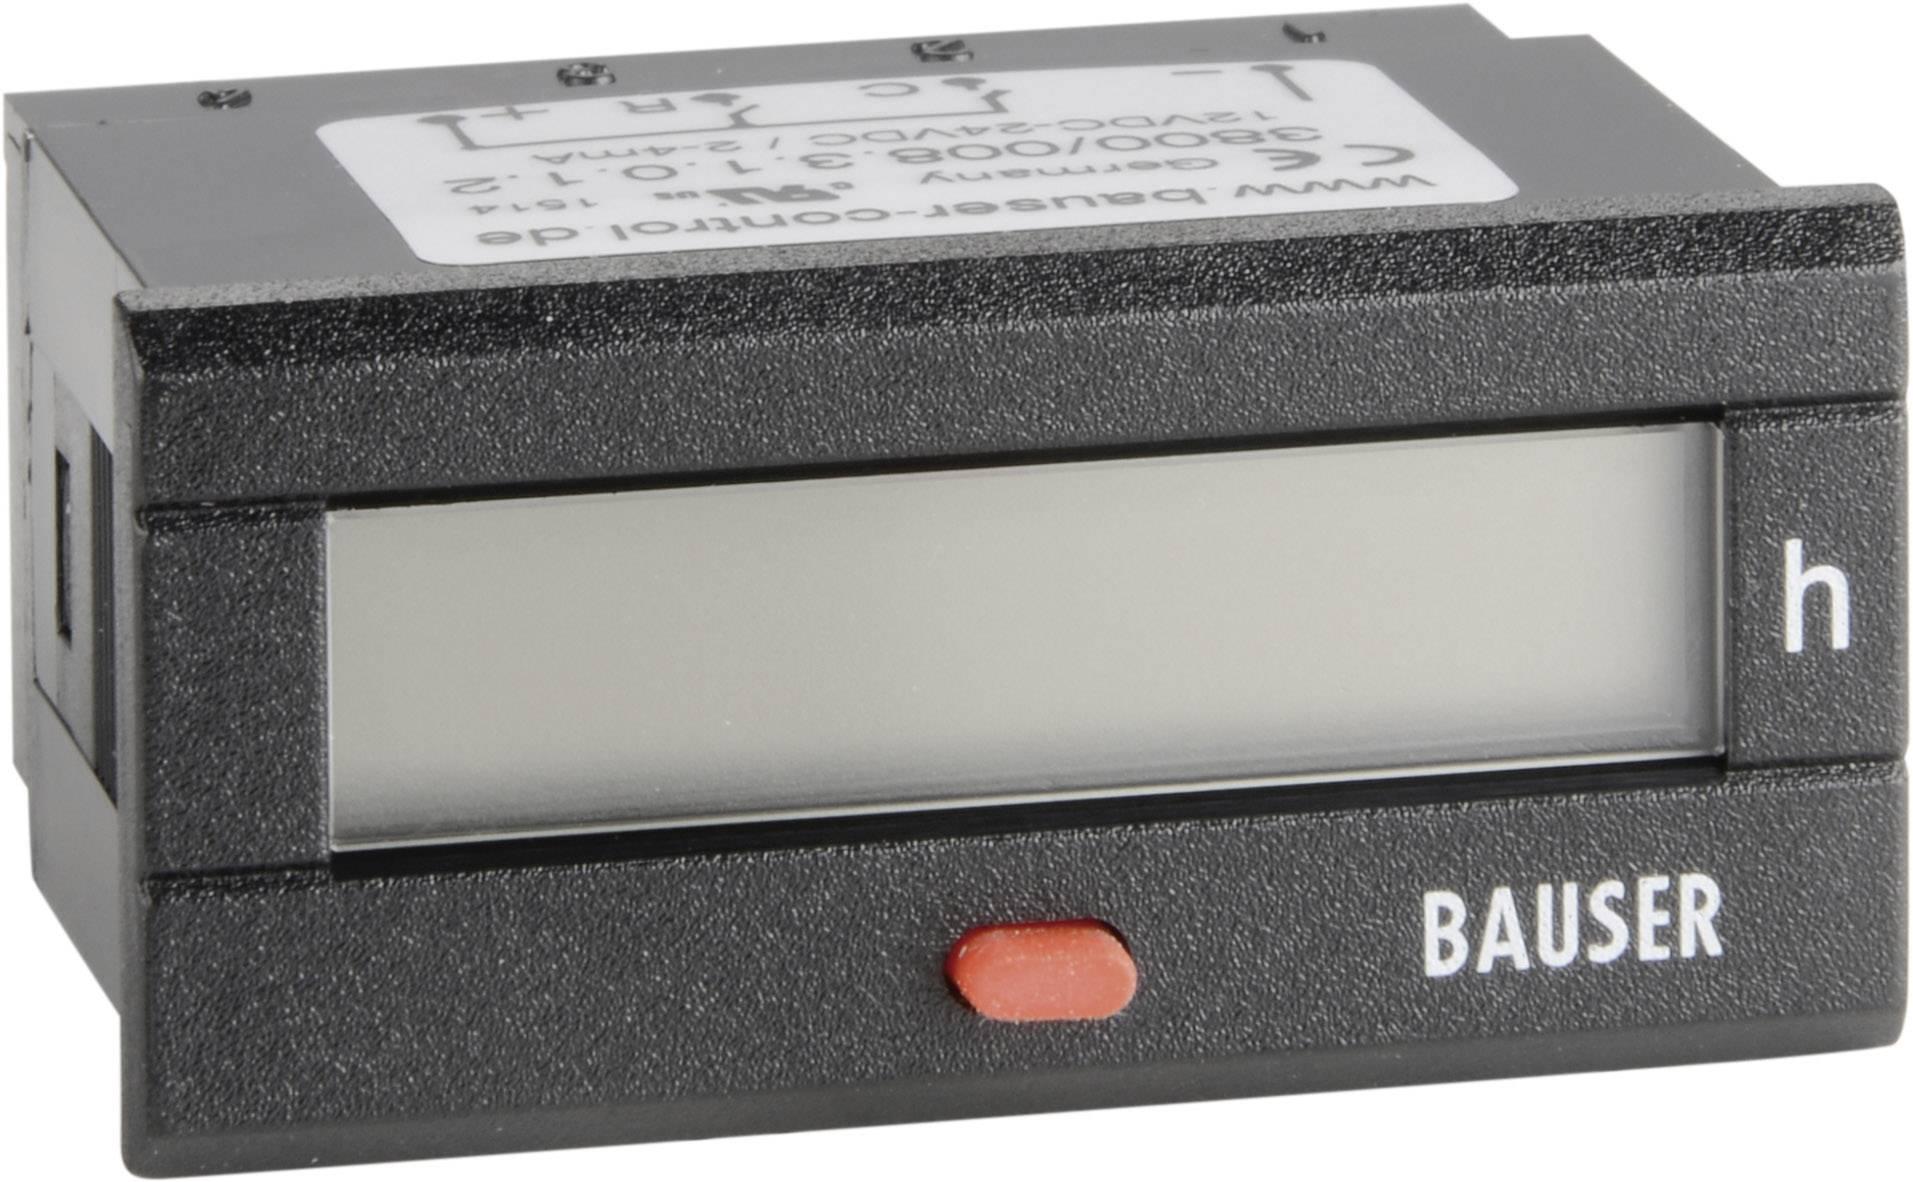 Počítadlo provozních hodin Bauser, 3800.2.1.0.1.2, 12 - 24 VDC, 45 x 22 mm, IP65